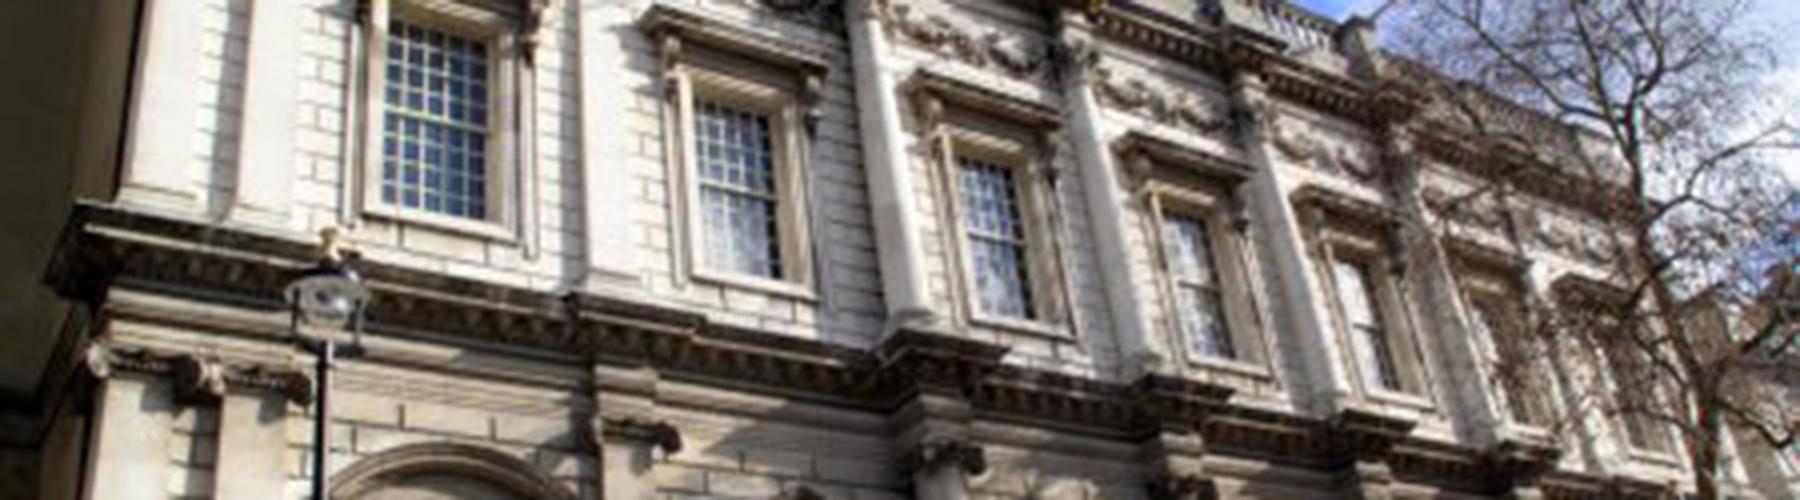 런던 - 방케팅 하우스에 가까운 호스텔. 런던의 지도, 런던에 위치한 호스텔에 대한 사진 및 리뷰.